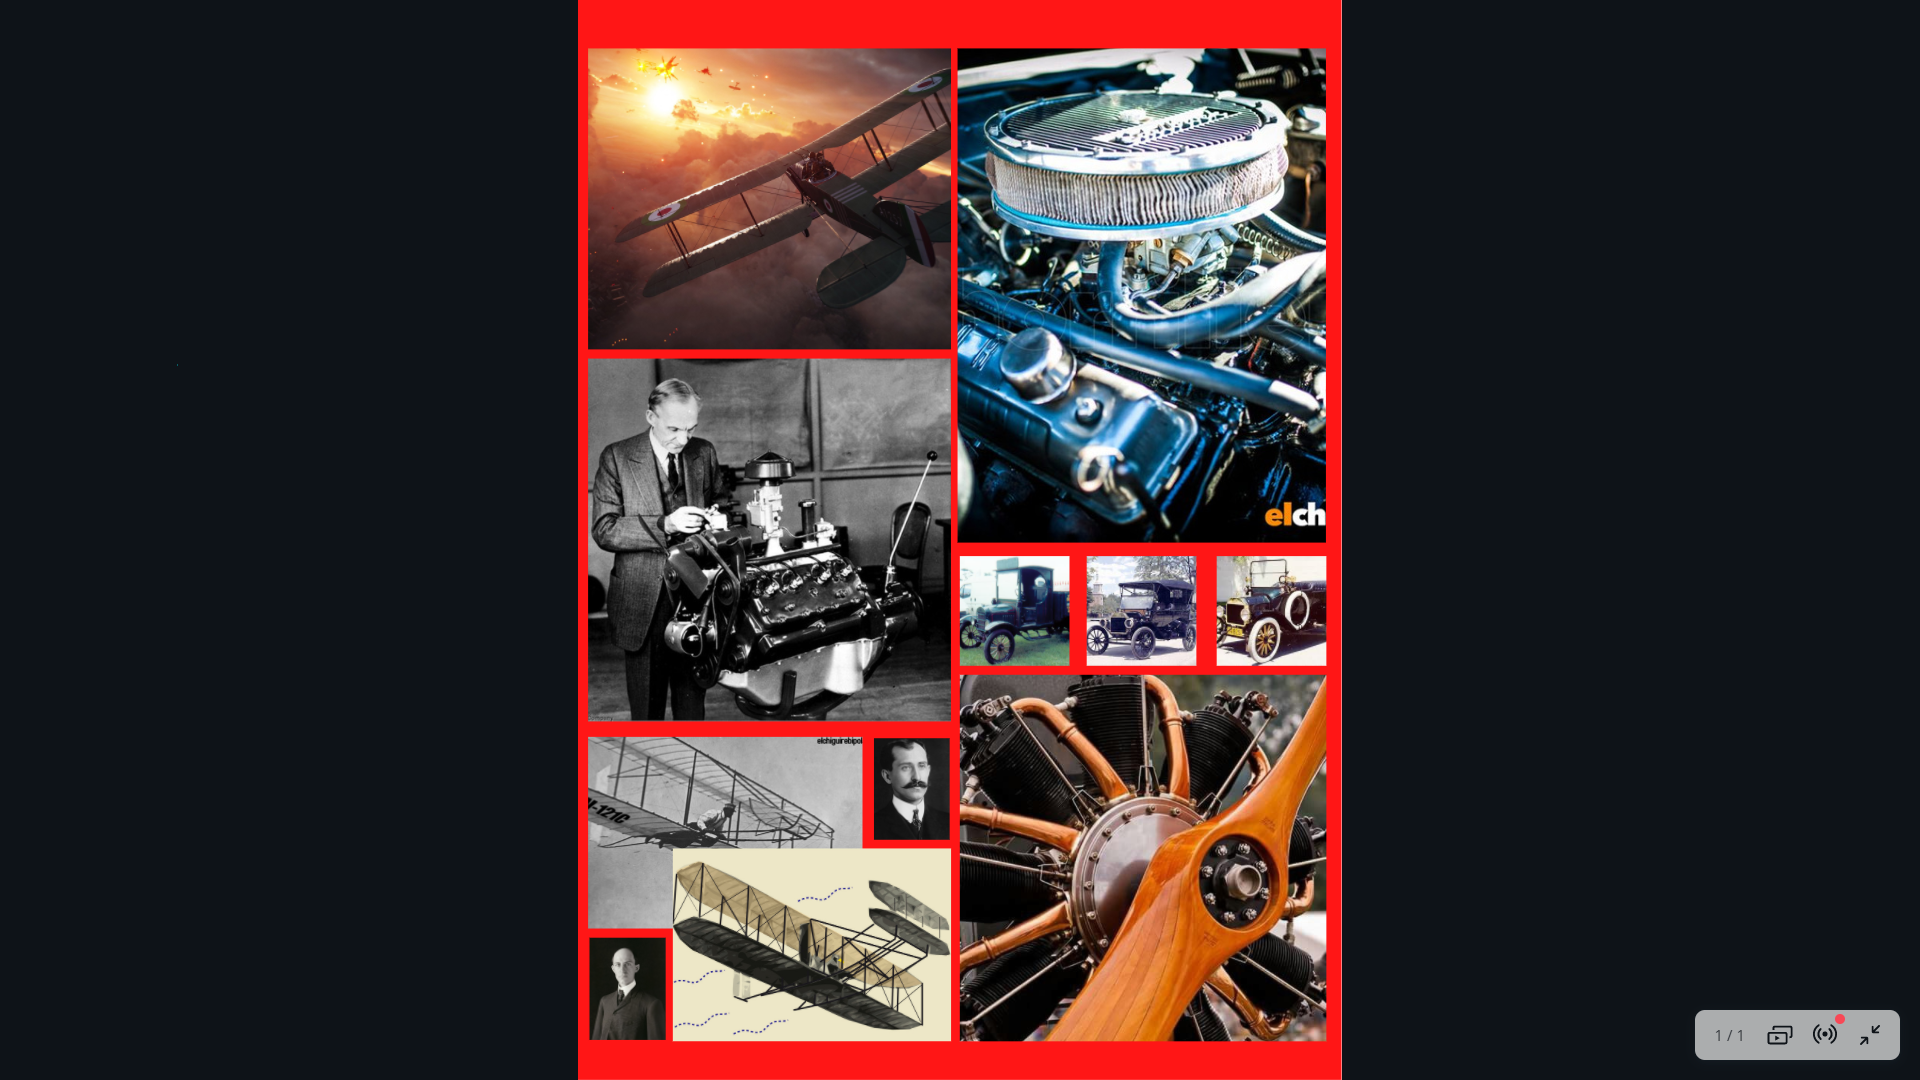 imagen de motores a explosion